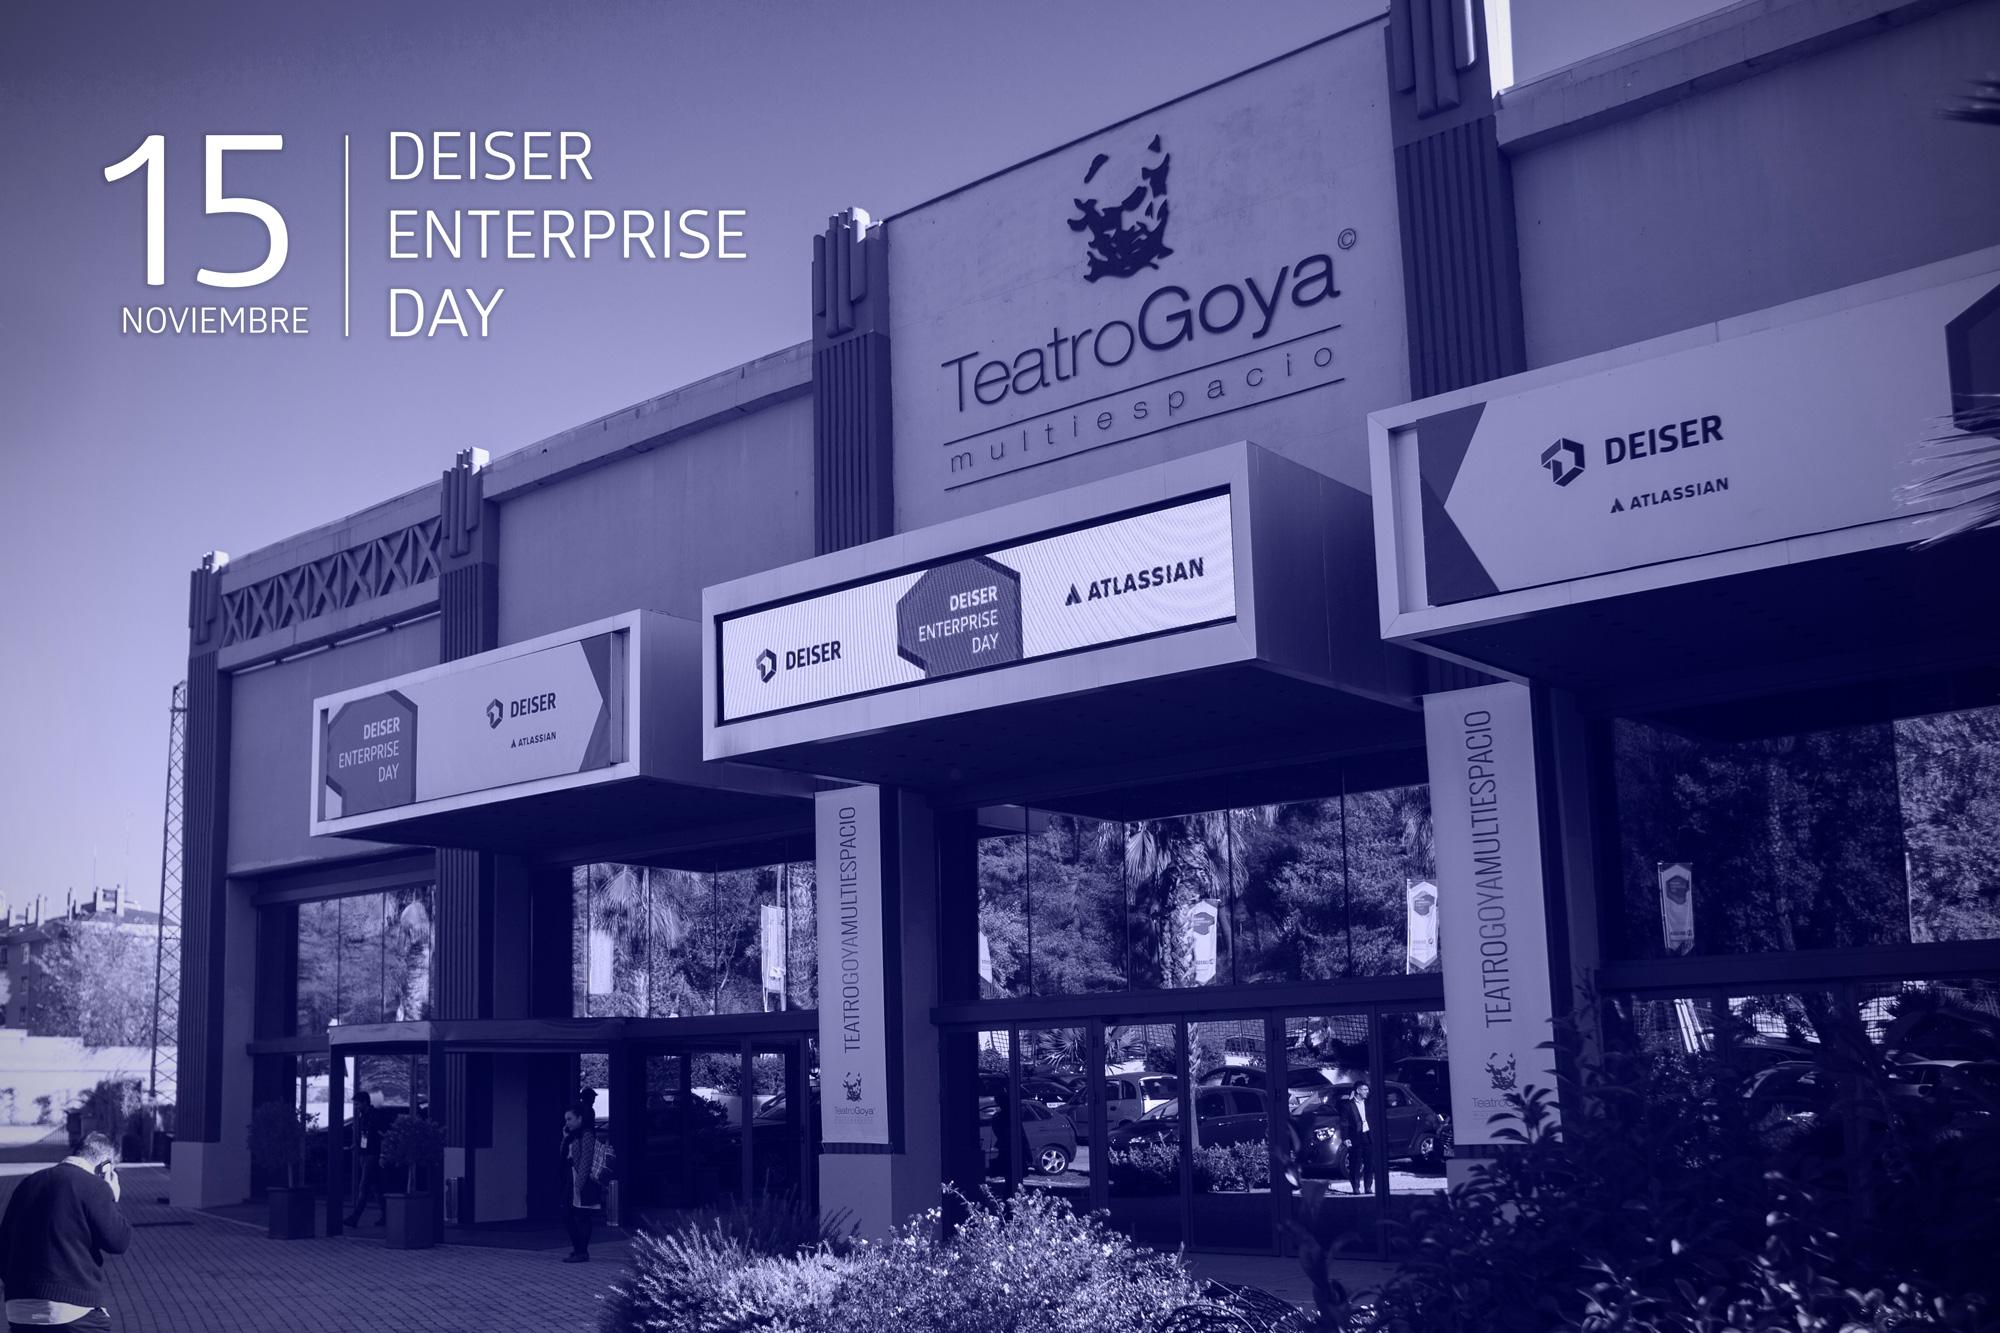 Teatro-Goya_Conferencias-empresas-compartiendo-sobre-Atlassian_DEISER-Enterprise-Days-2018